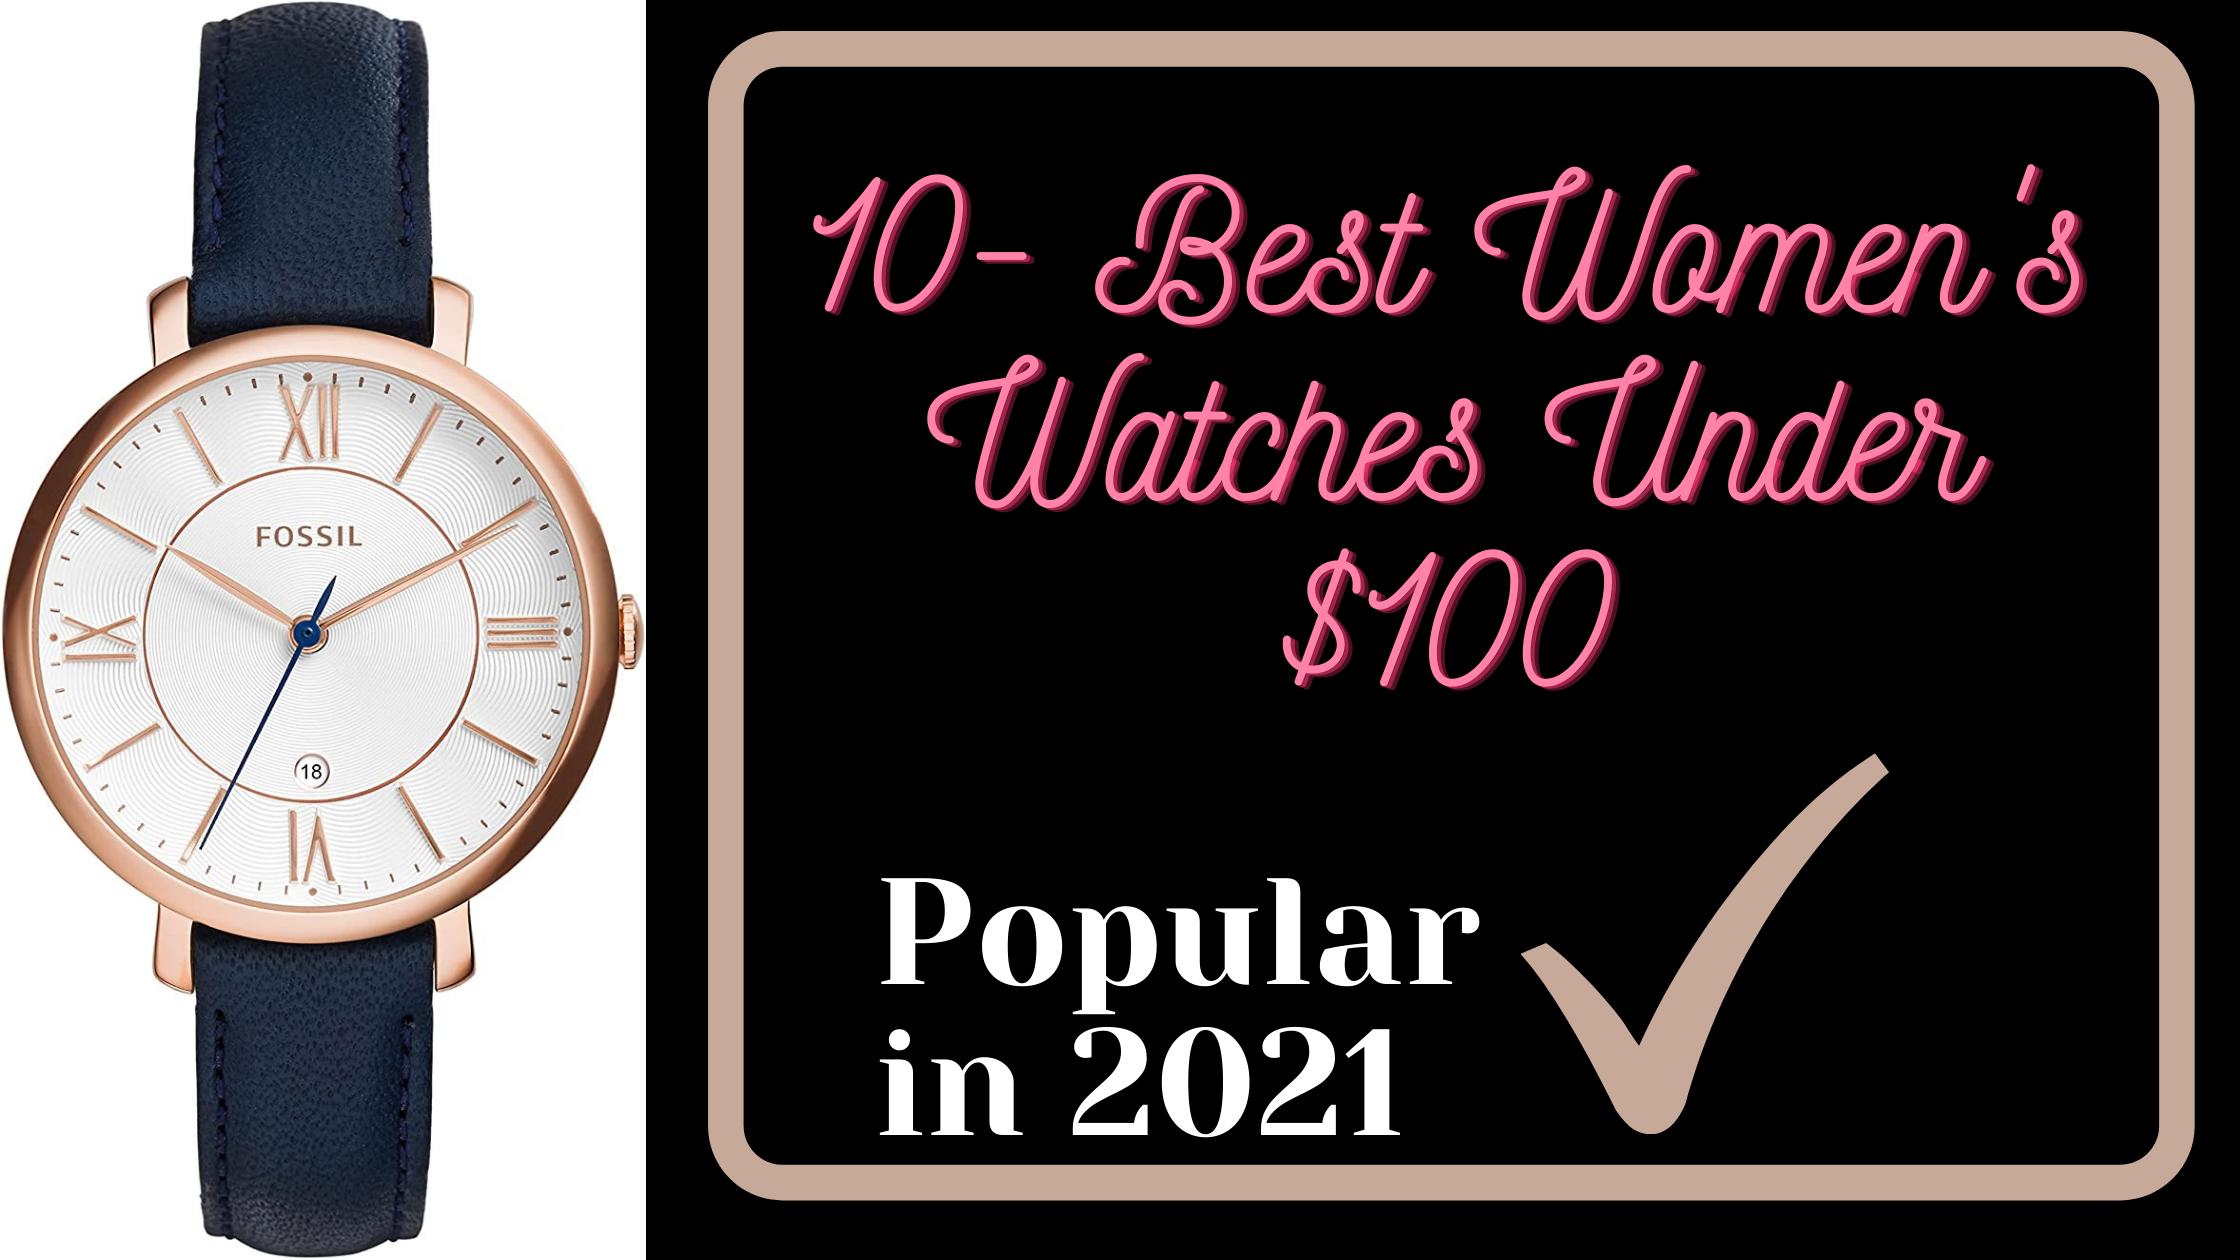 Best Women's Watches Under $100